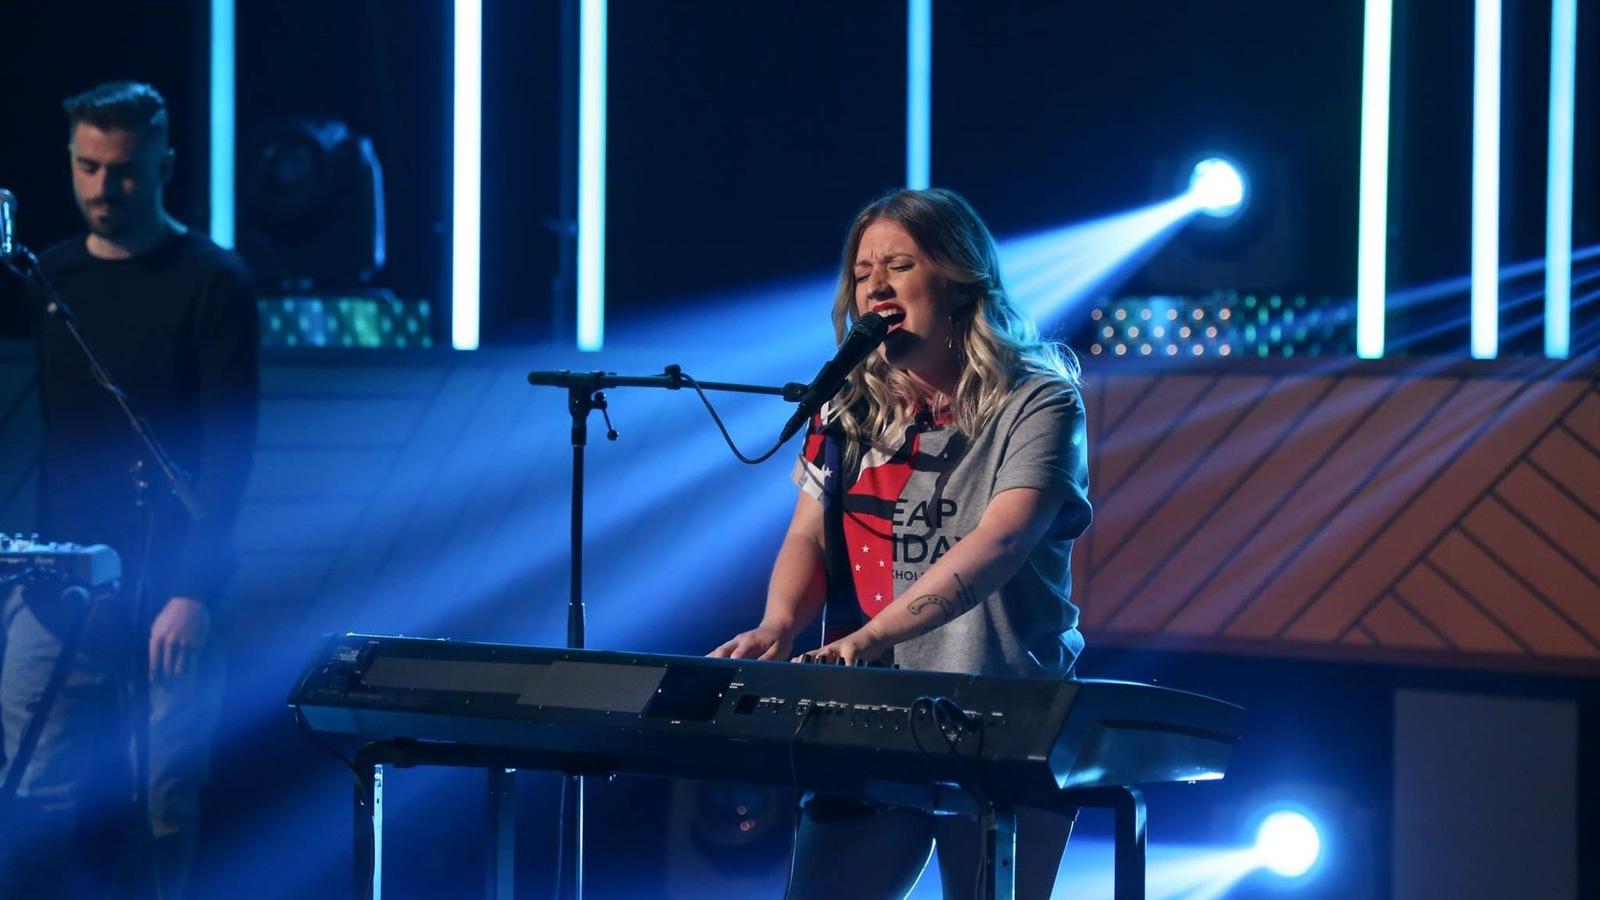 Elle chante en s'accompagnant au clavier